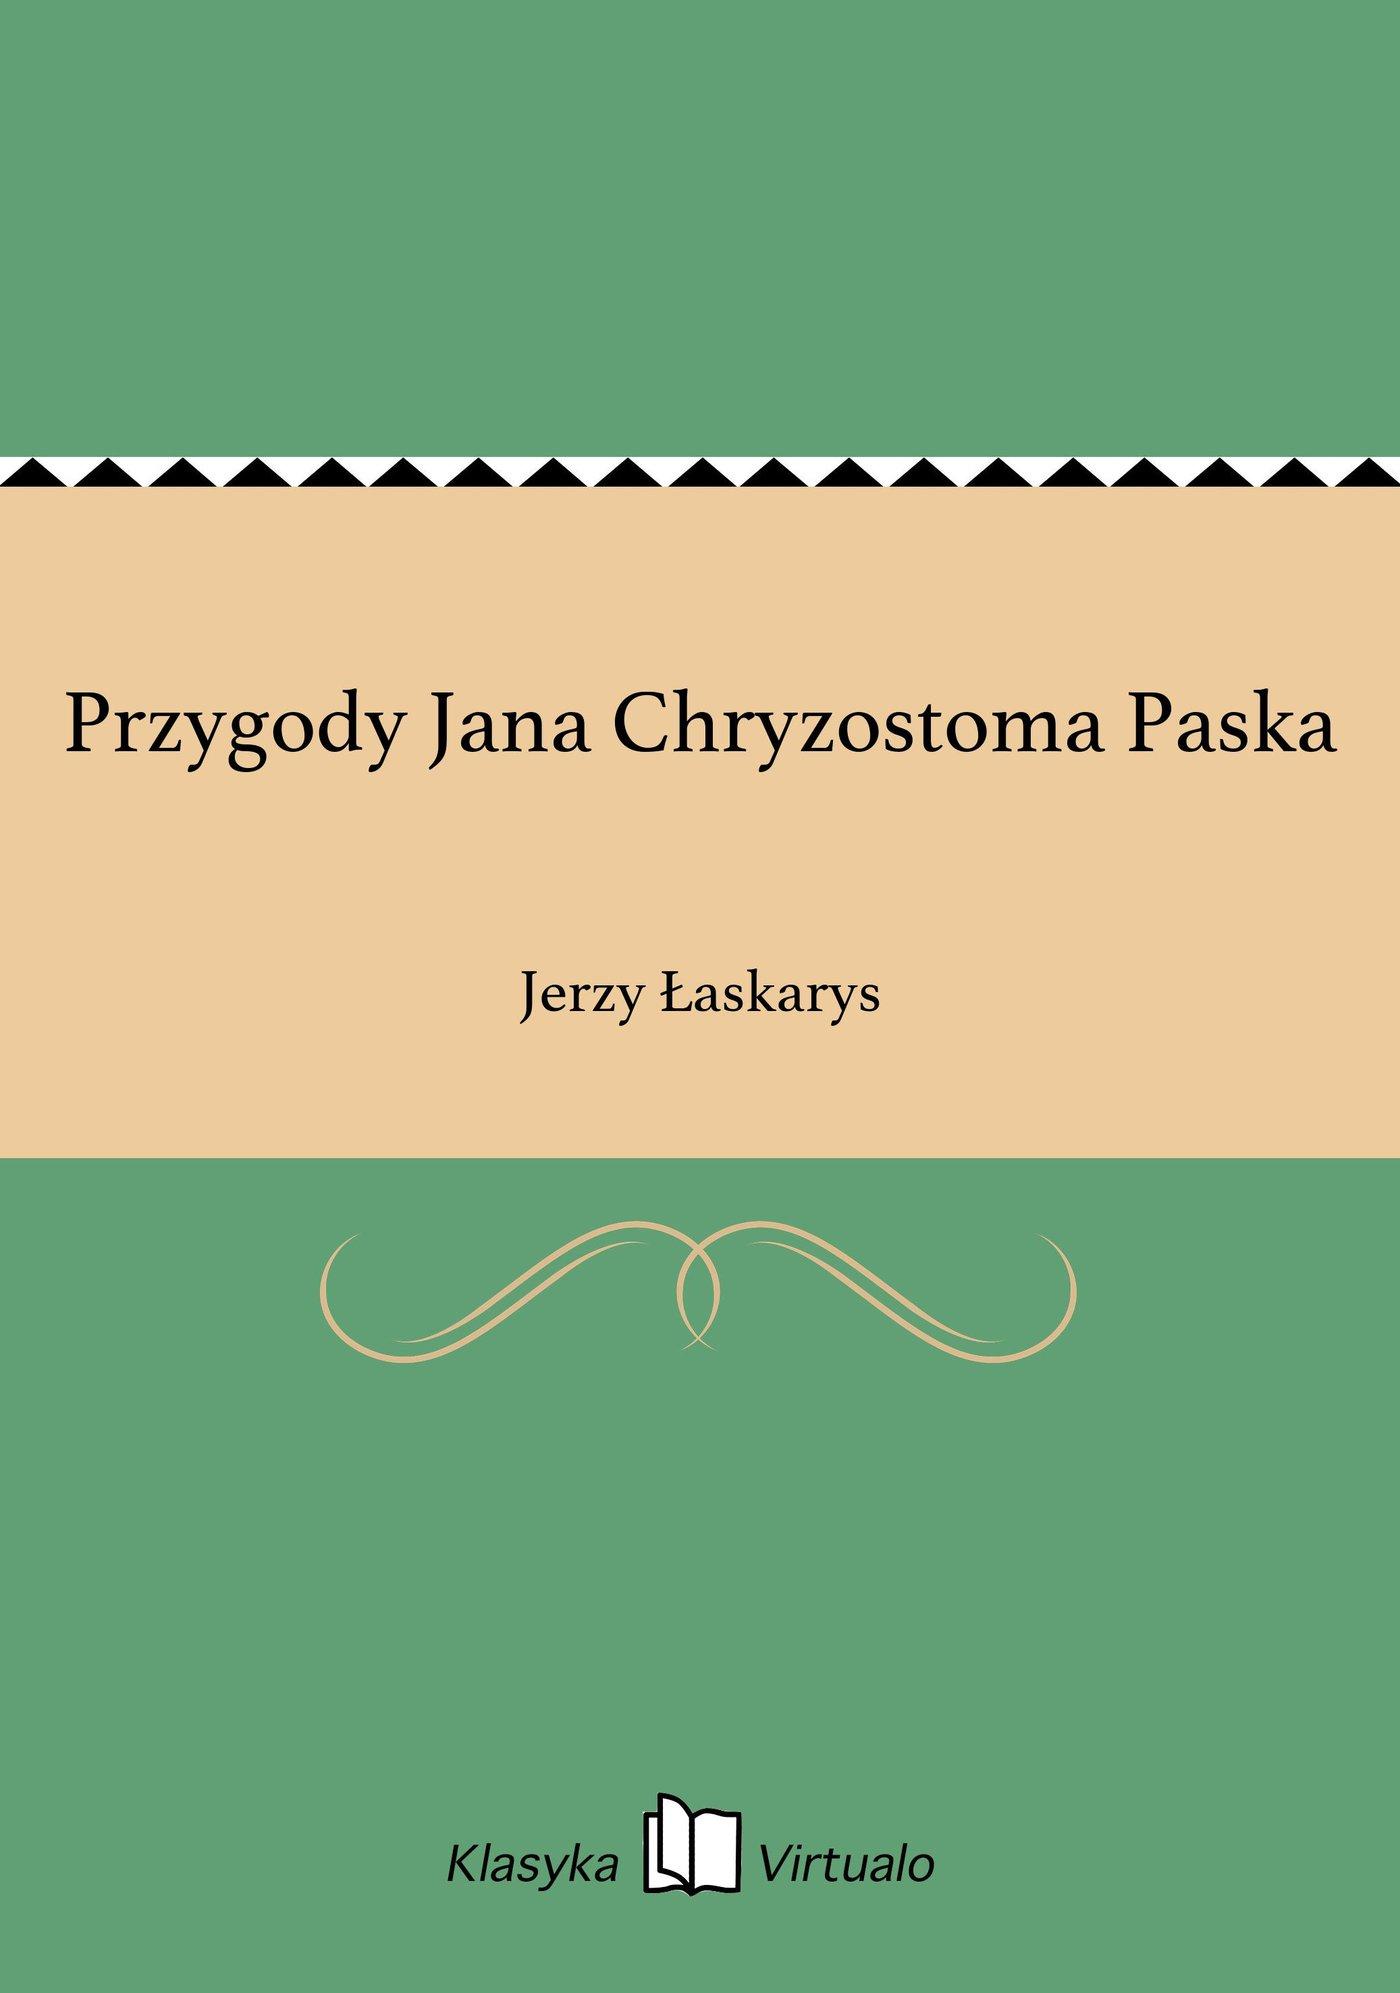 Przygody Jana Chryzostoma Paska - Ebook (Książka na Kindle) do pobrania w formacie MOBI